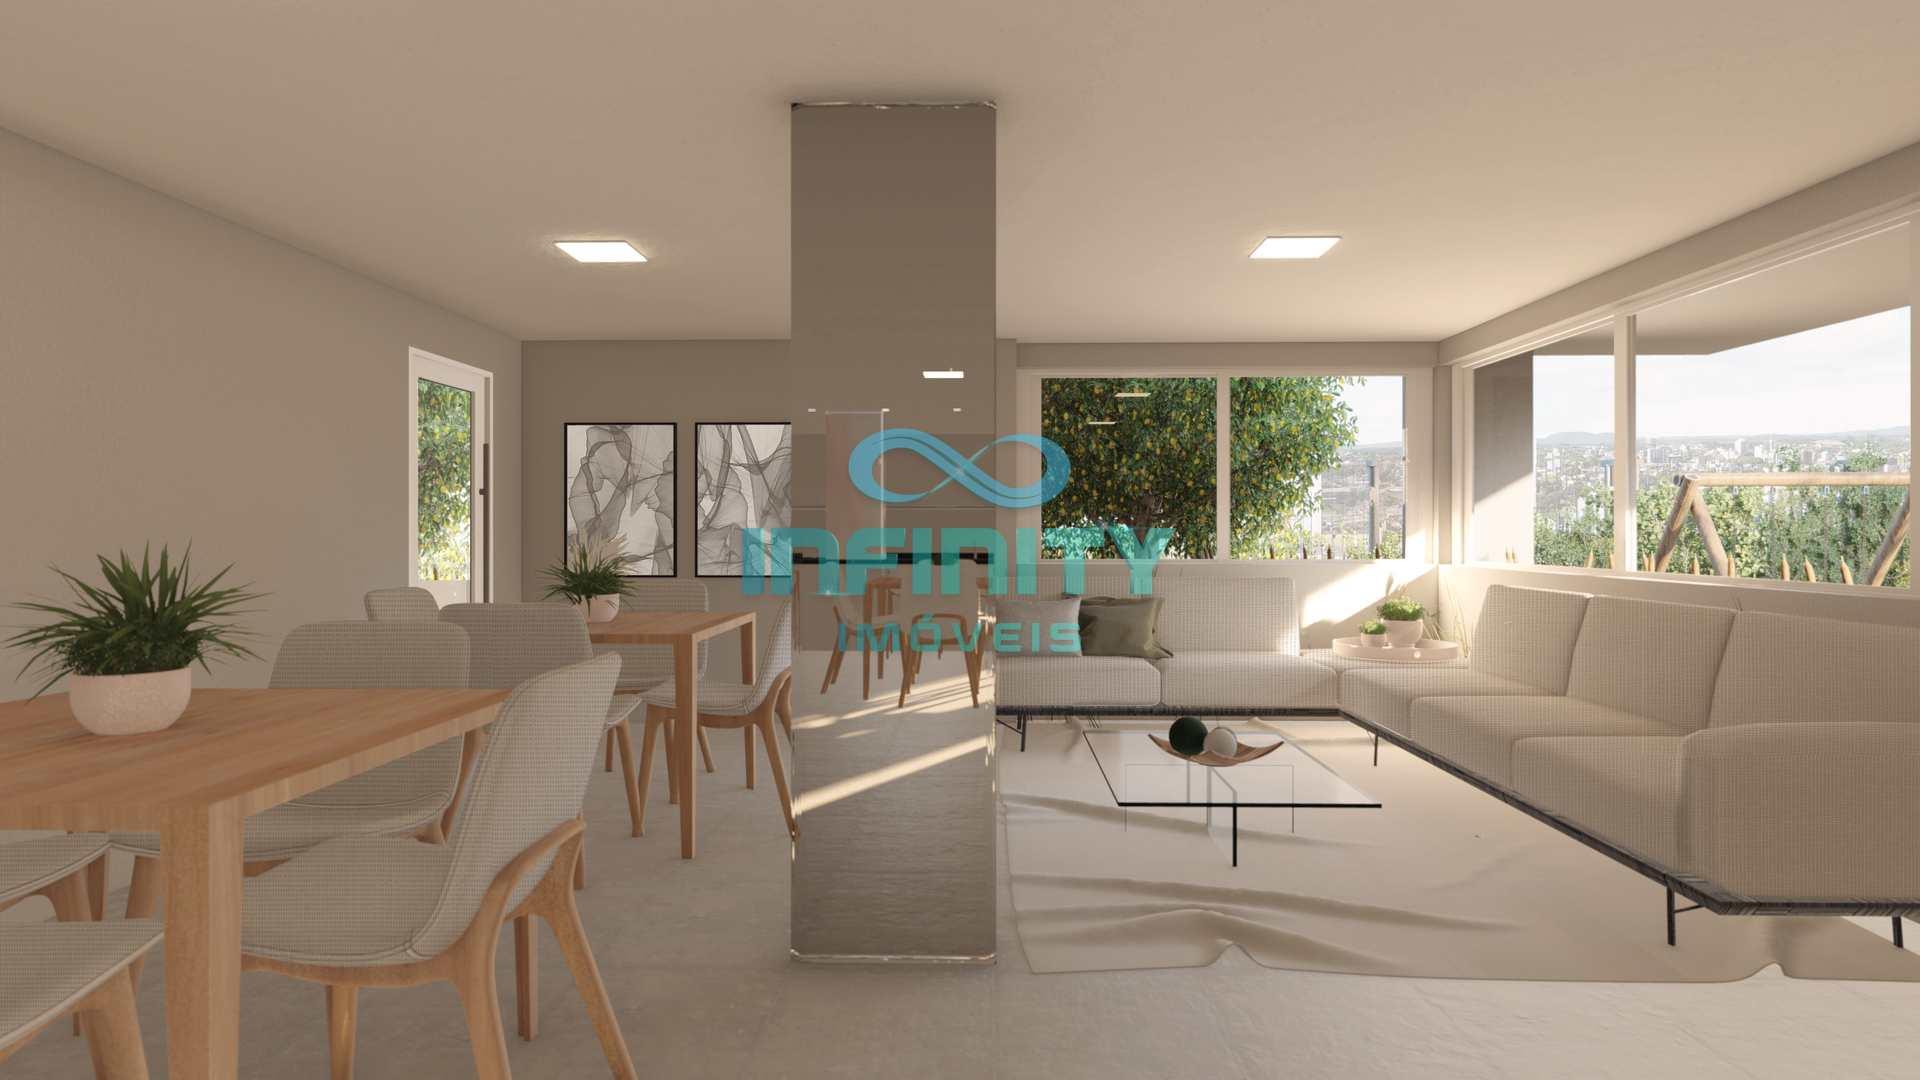 005 Solar da Figueira, Apartamentos à Venda em Gravataí